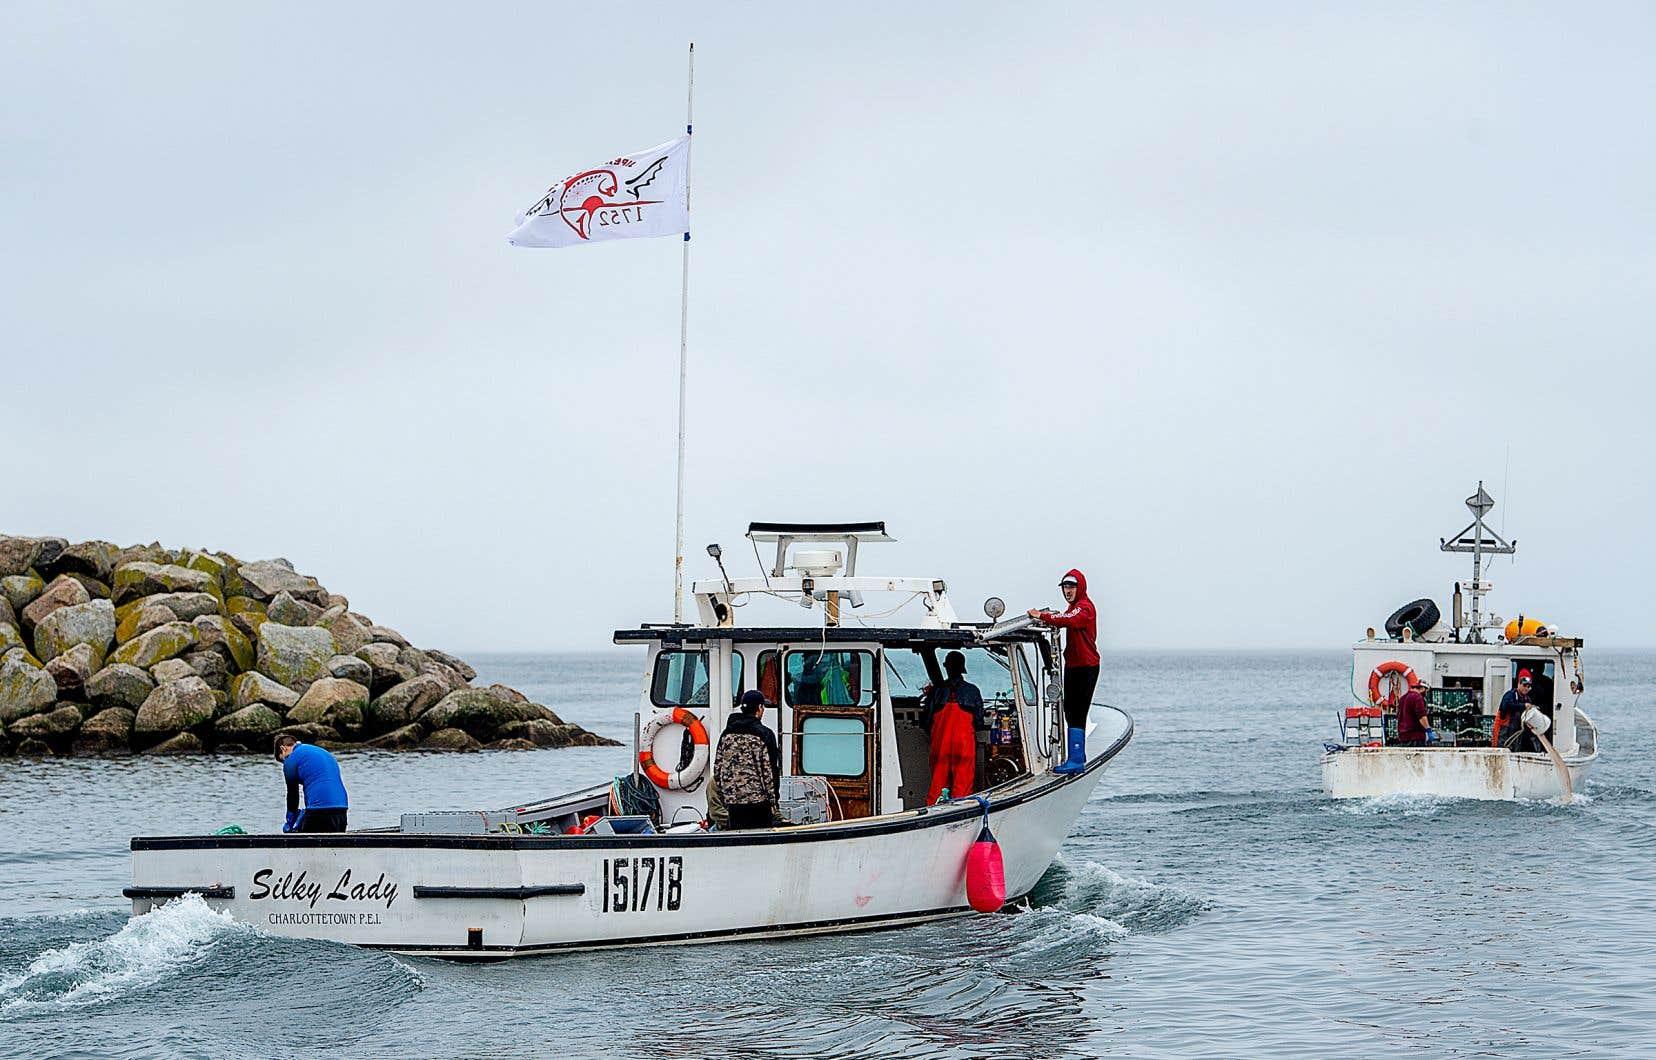 Avec environ sept bateaux actifs de 50 trappes (donc 350 au total), la pêche de la Première Nation de Sipekne'katik est une fraction de la pêche commerciale (autochtone et allochtone) qui débutera le mois prochain.